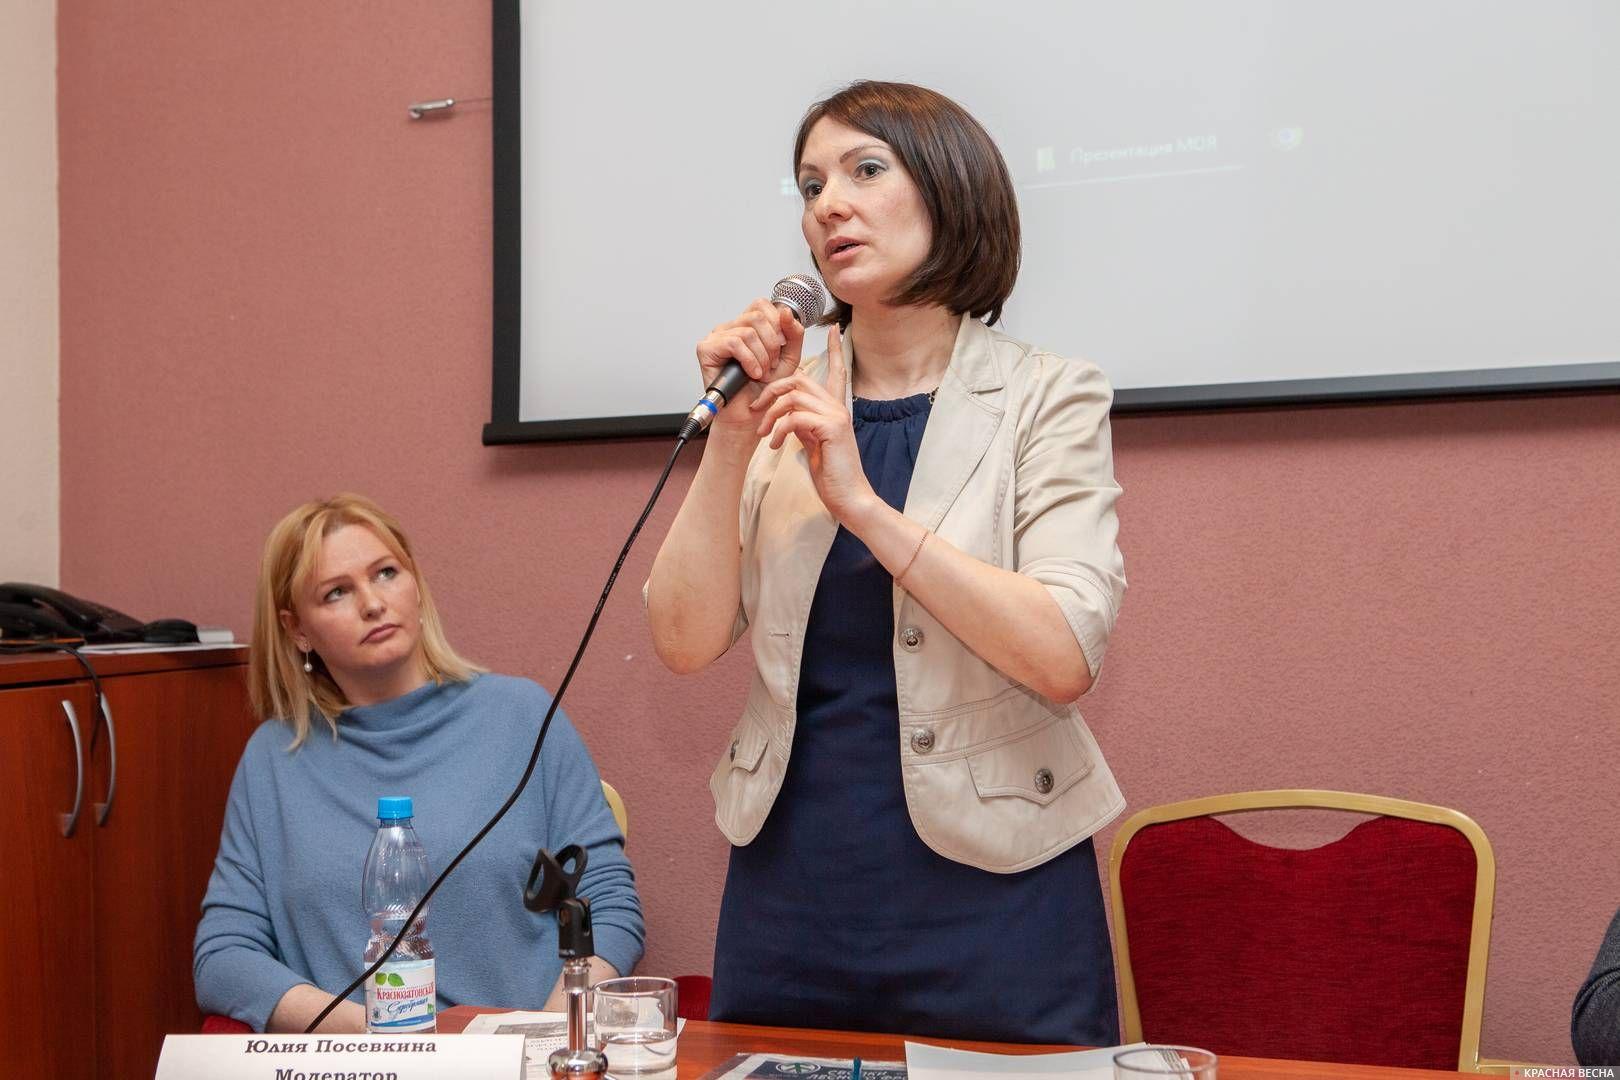 Людмила Парначёва